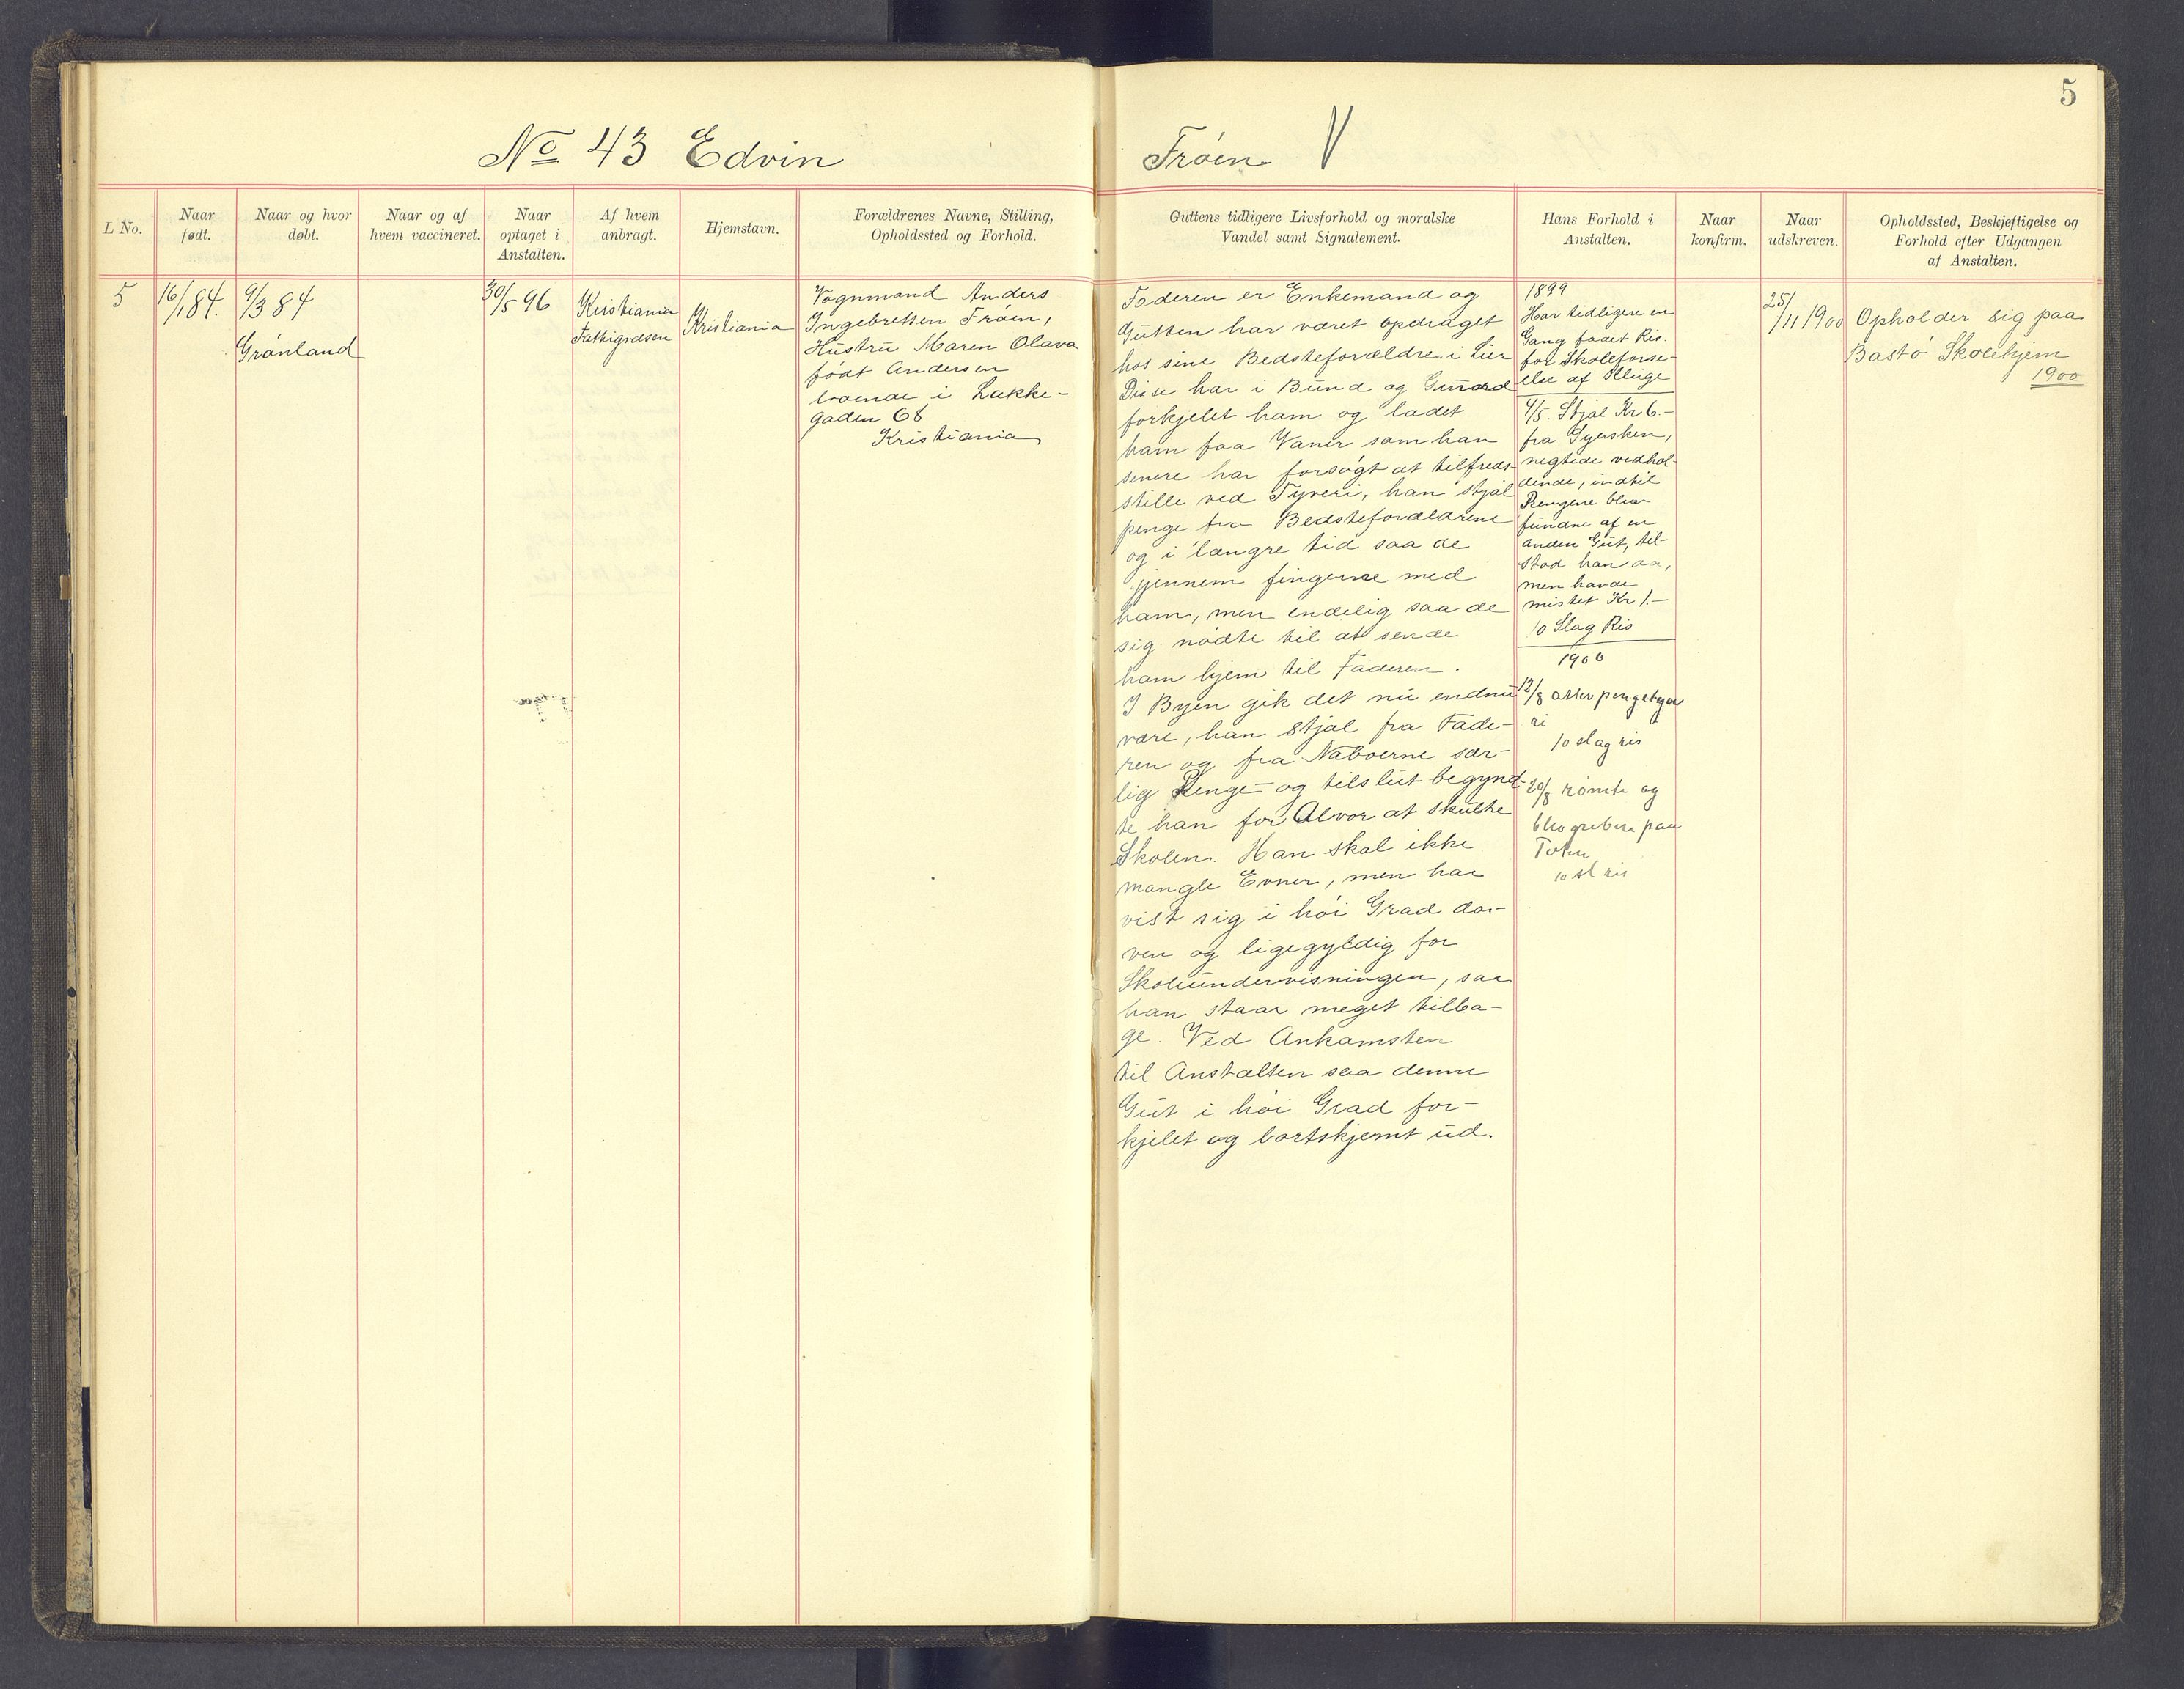 SAH, Toftes Gave, F/Fc/L0005: Elevprotokoll, 1897-1900, s. 5